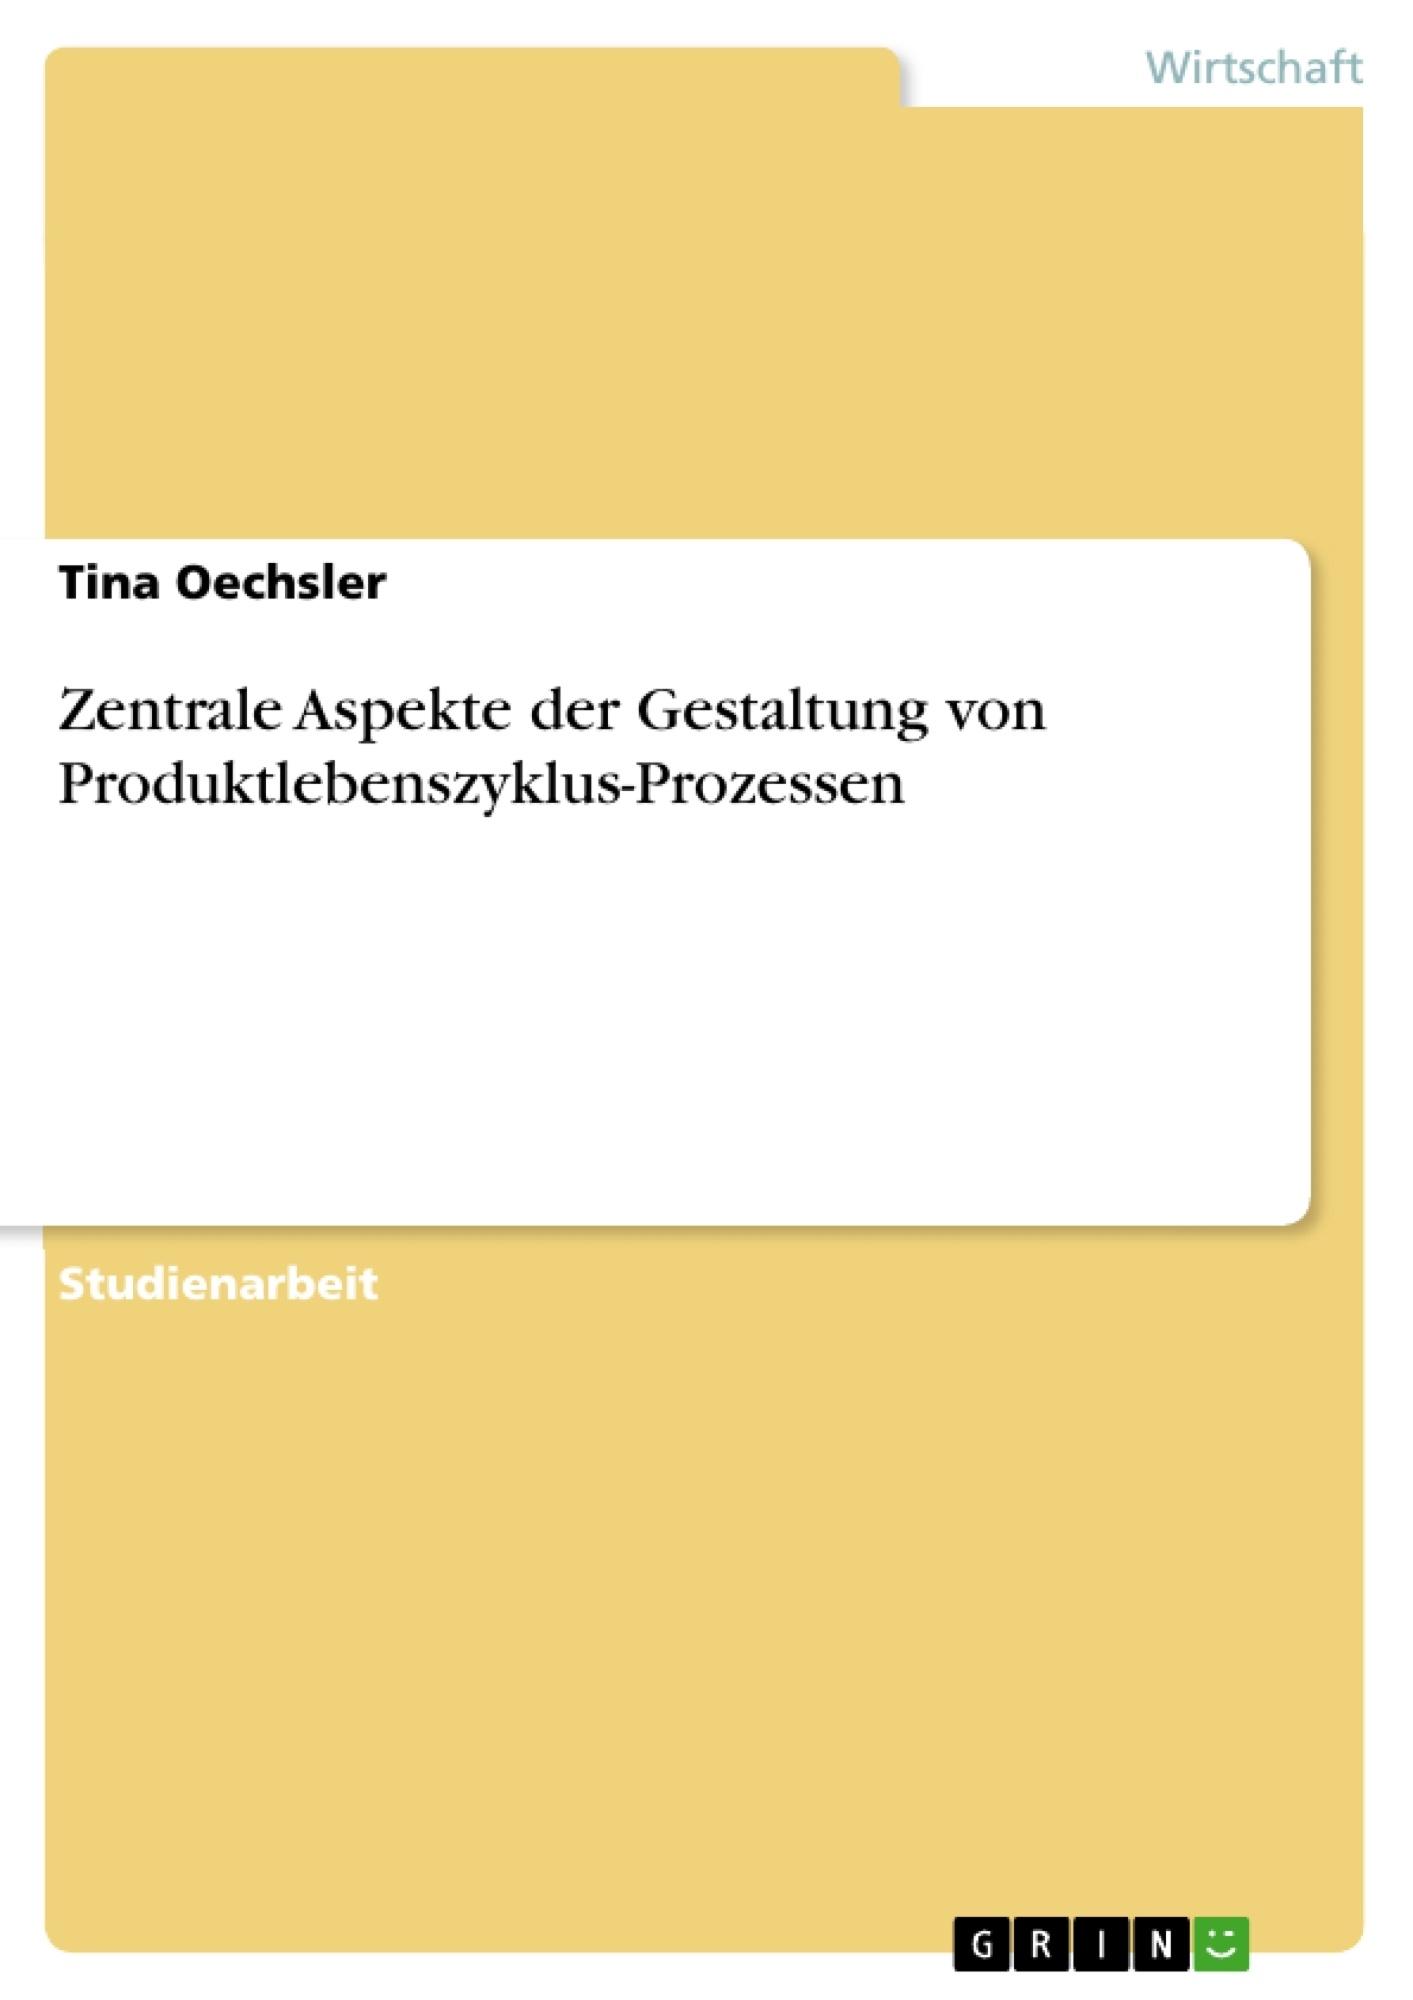 Titel: Zentrale Aspekte der Gestaltung von Produktlebenszyklus-Prozessen